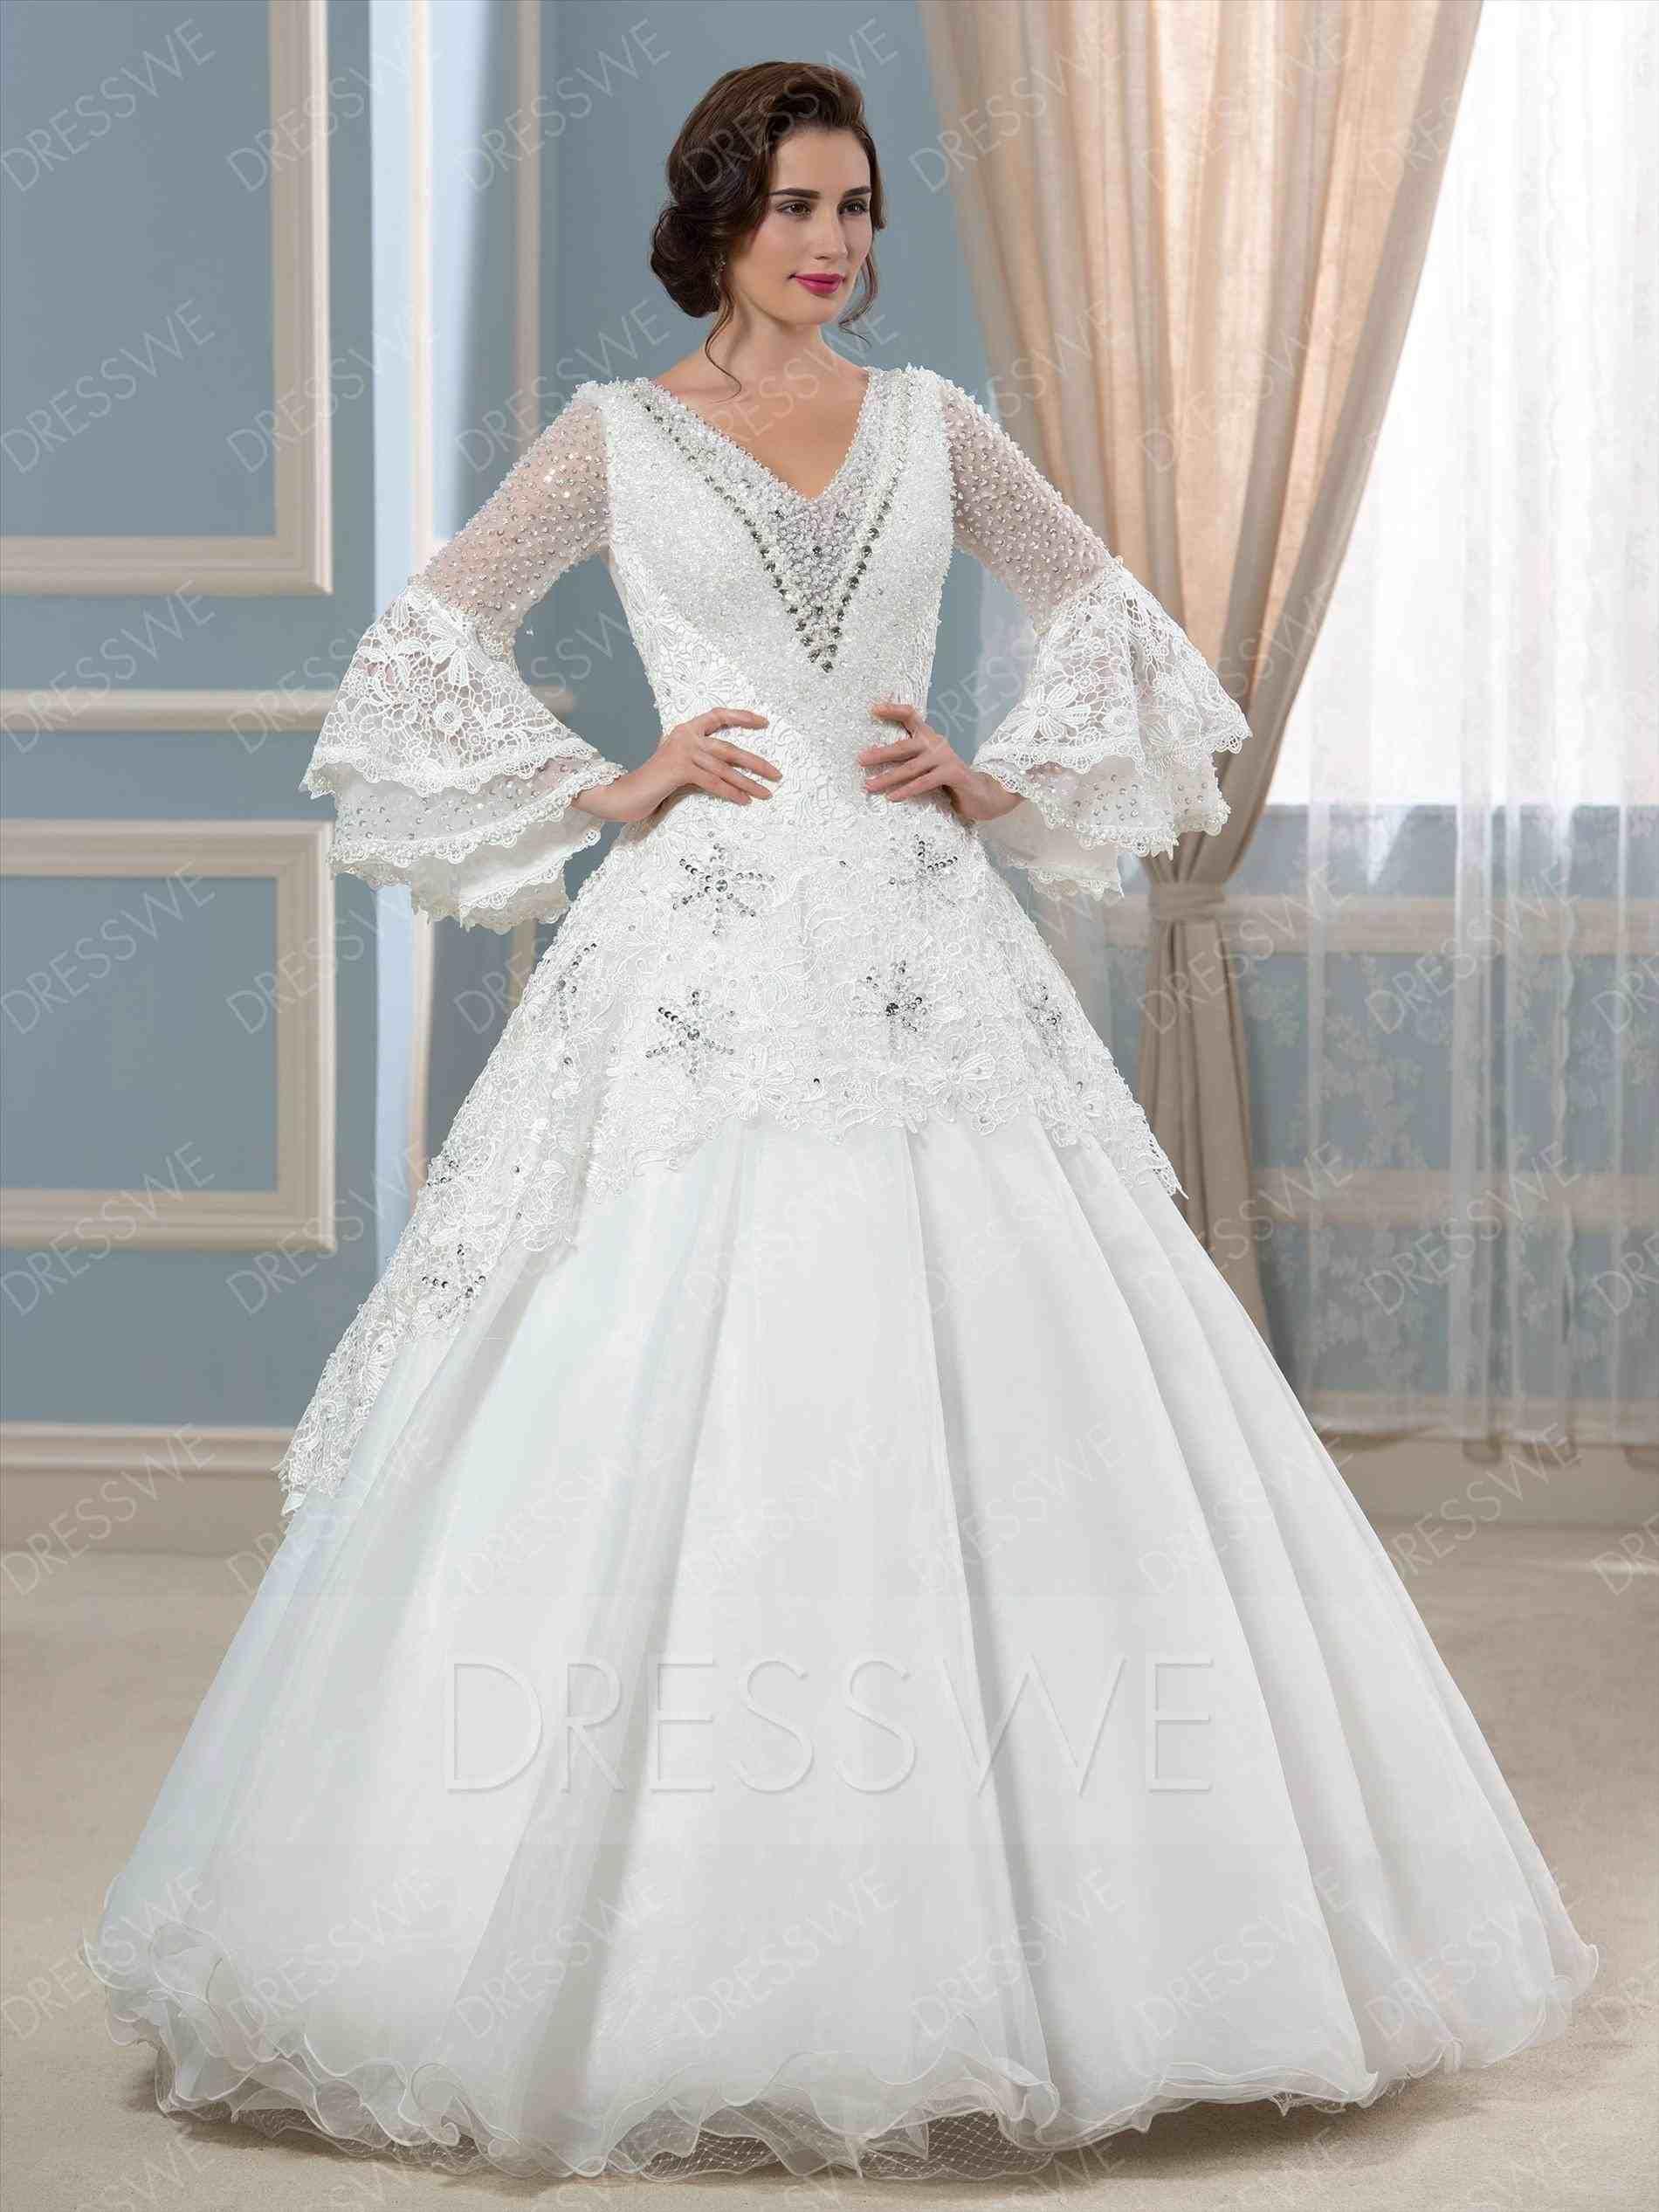 Top 10 disenadores vestidos de novia